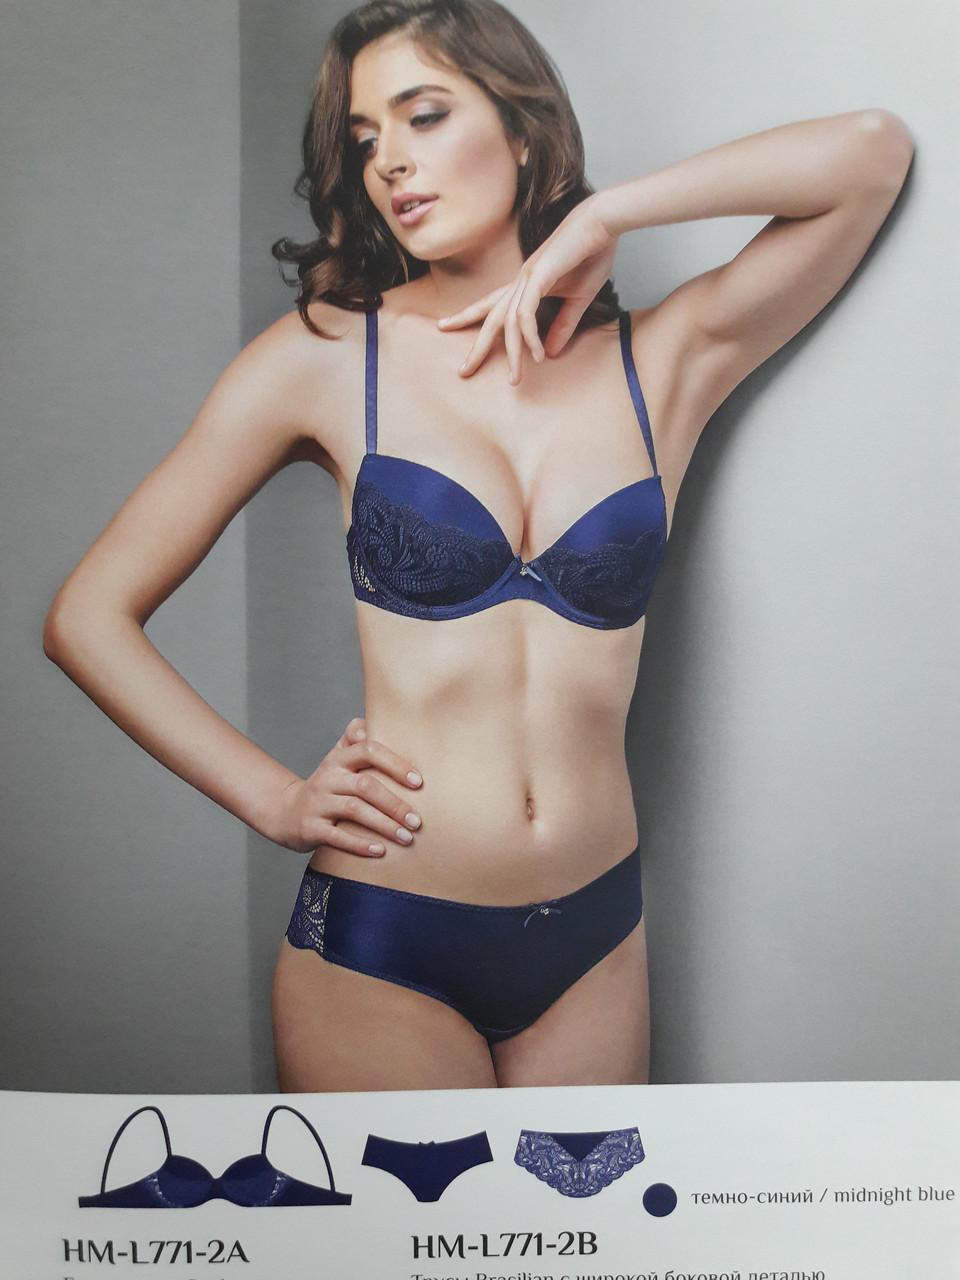 Комплект женского белья Испания: бюстгальтер(80D) push-up balconet L771 + бразилианы(L), синий, Luna